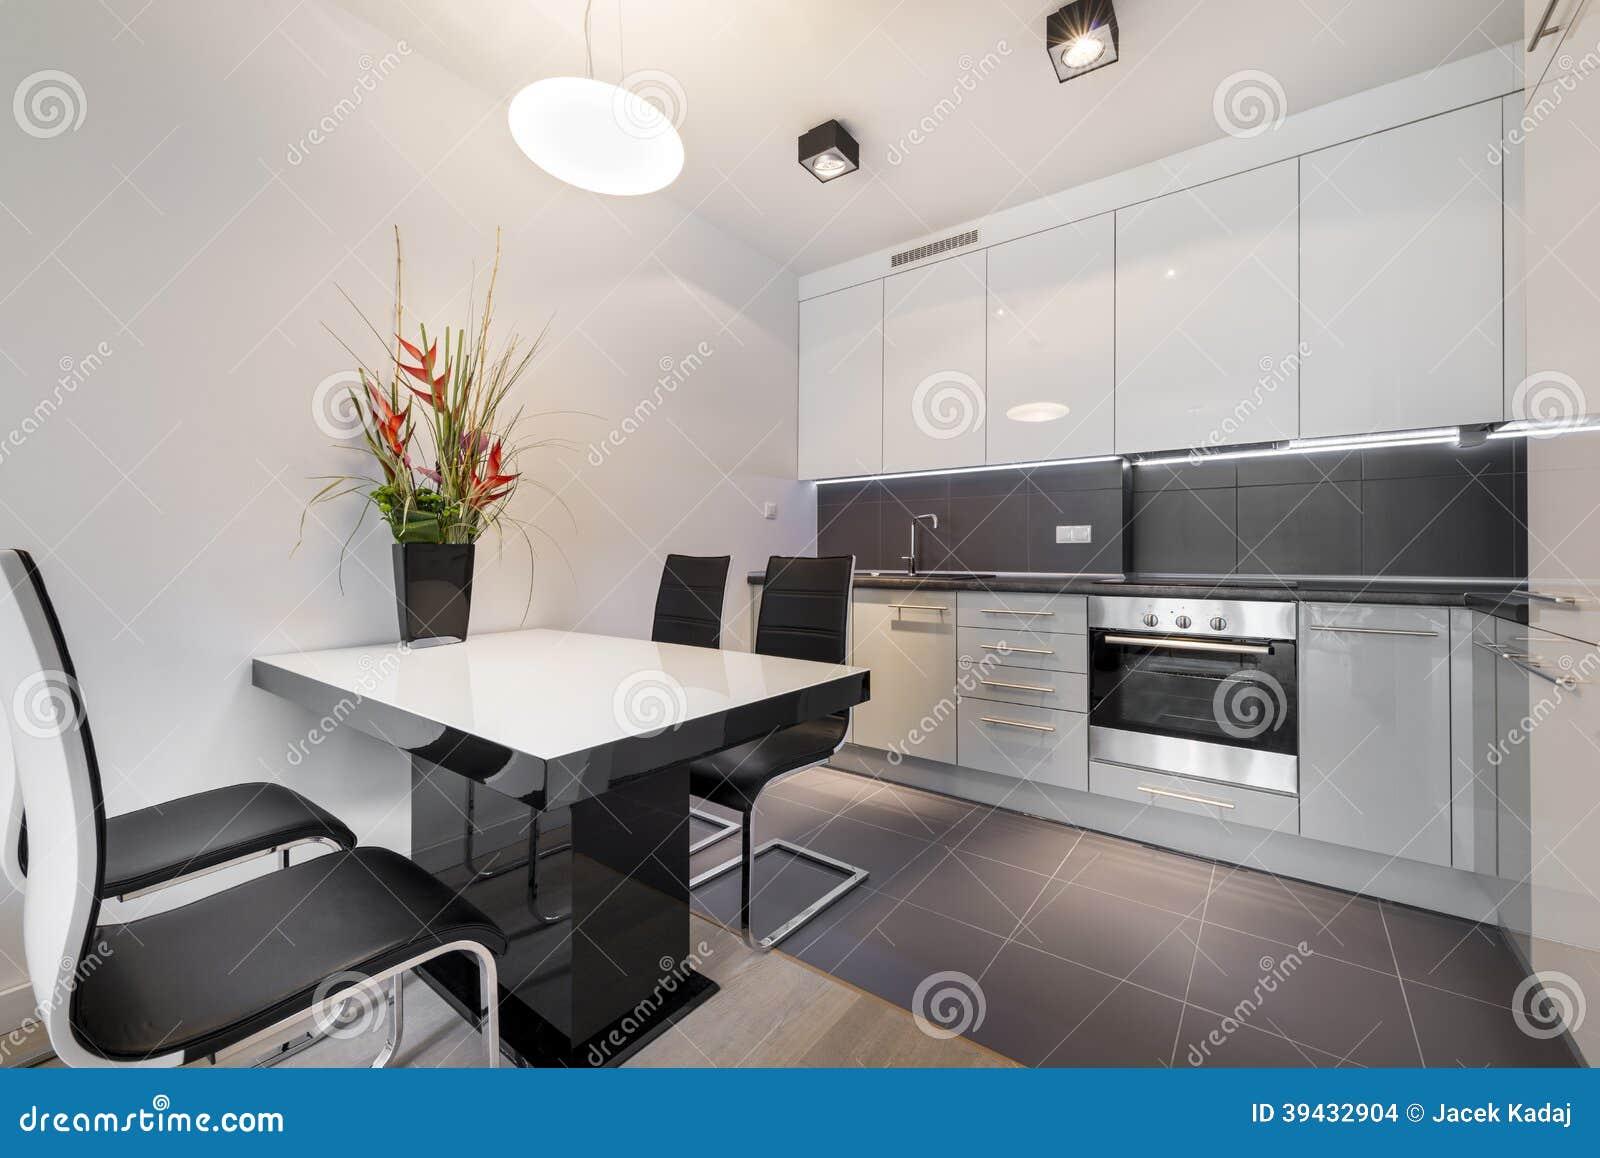 Piastrelle Cucina Moderna - Idee Per La Casa - Douglasfalls.com